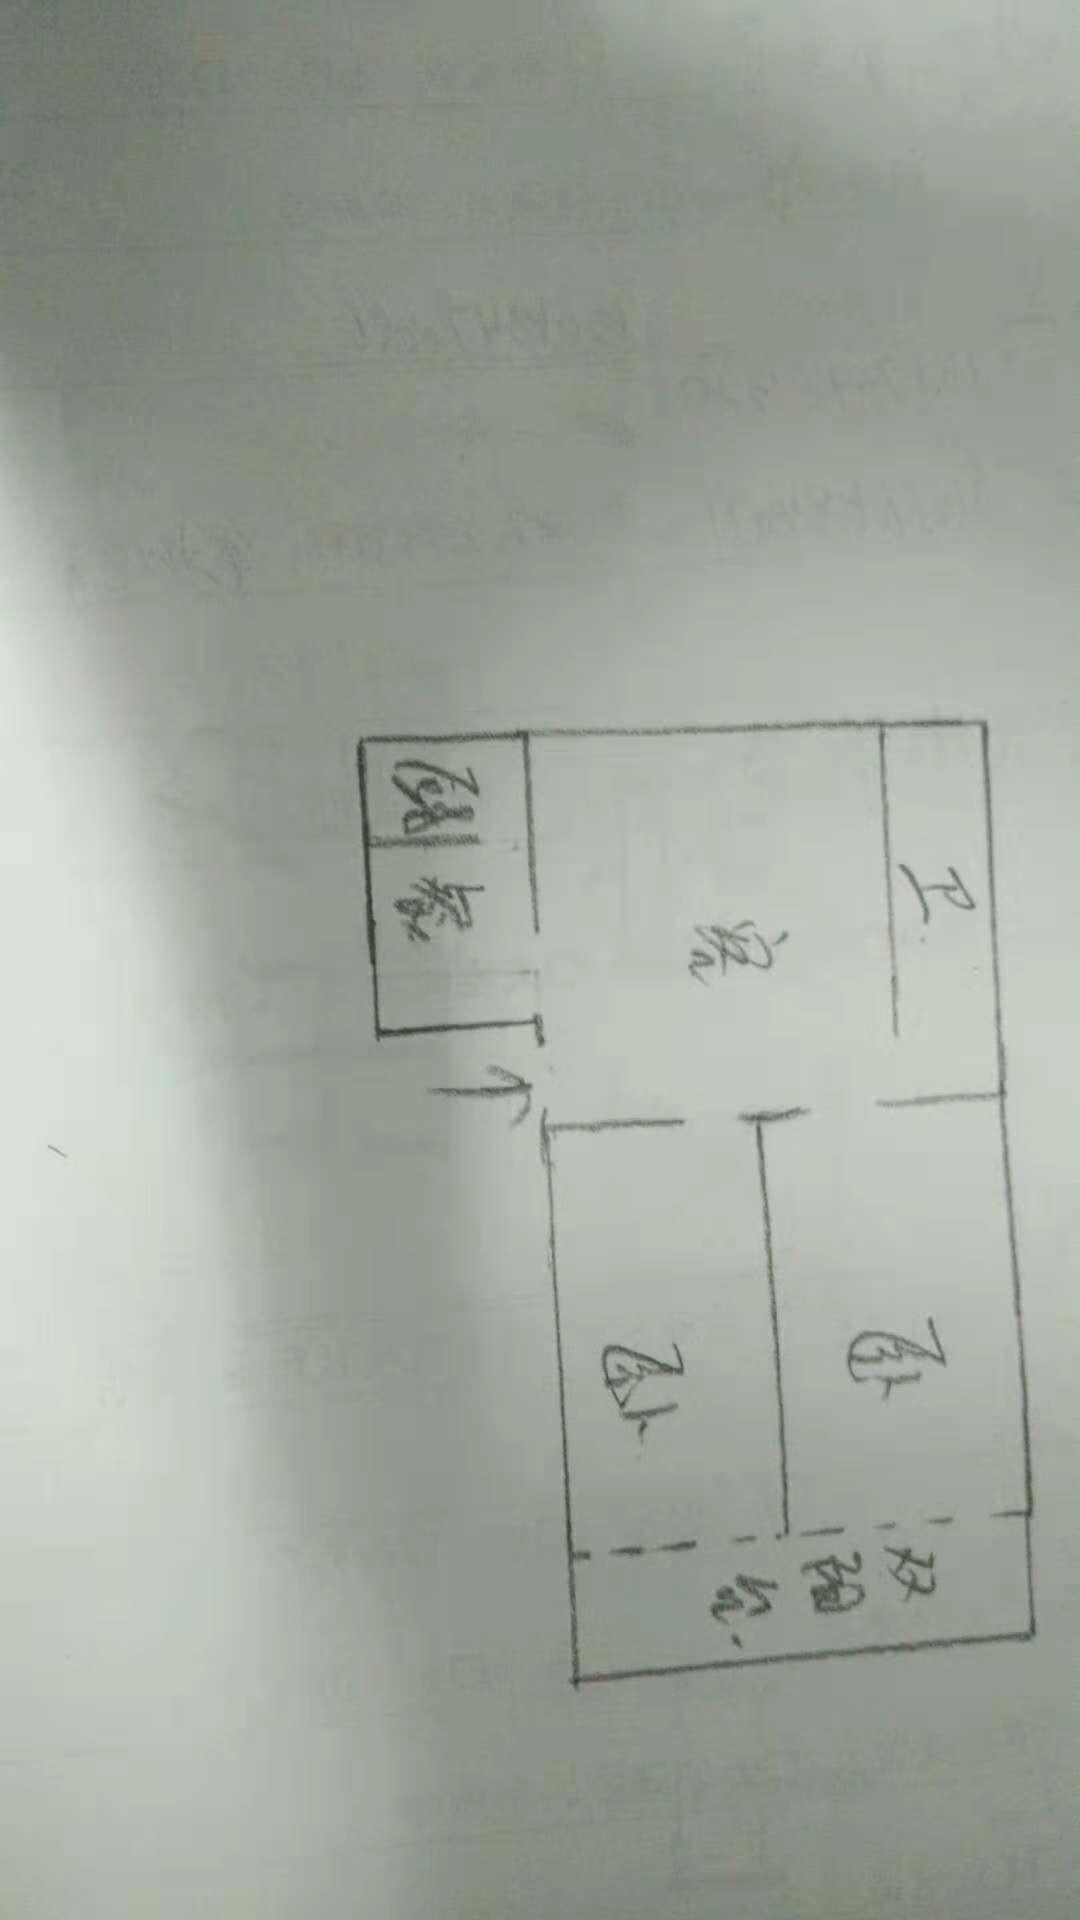 交通局宿舍 2室2厅 过五年 简装 46万